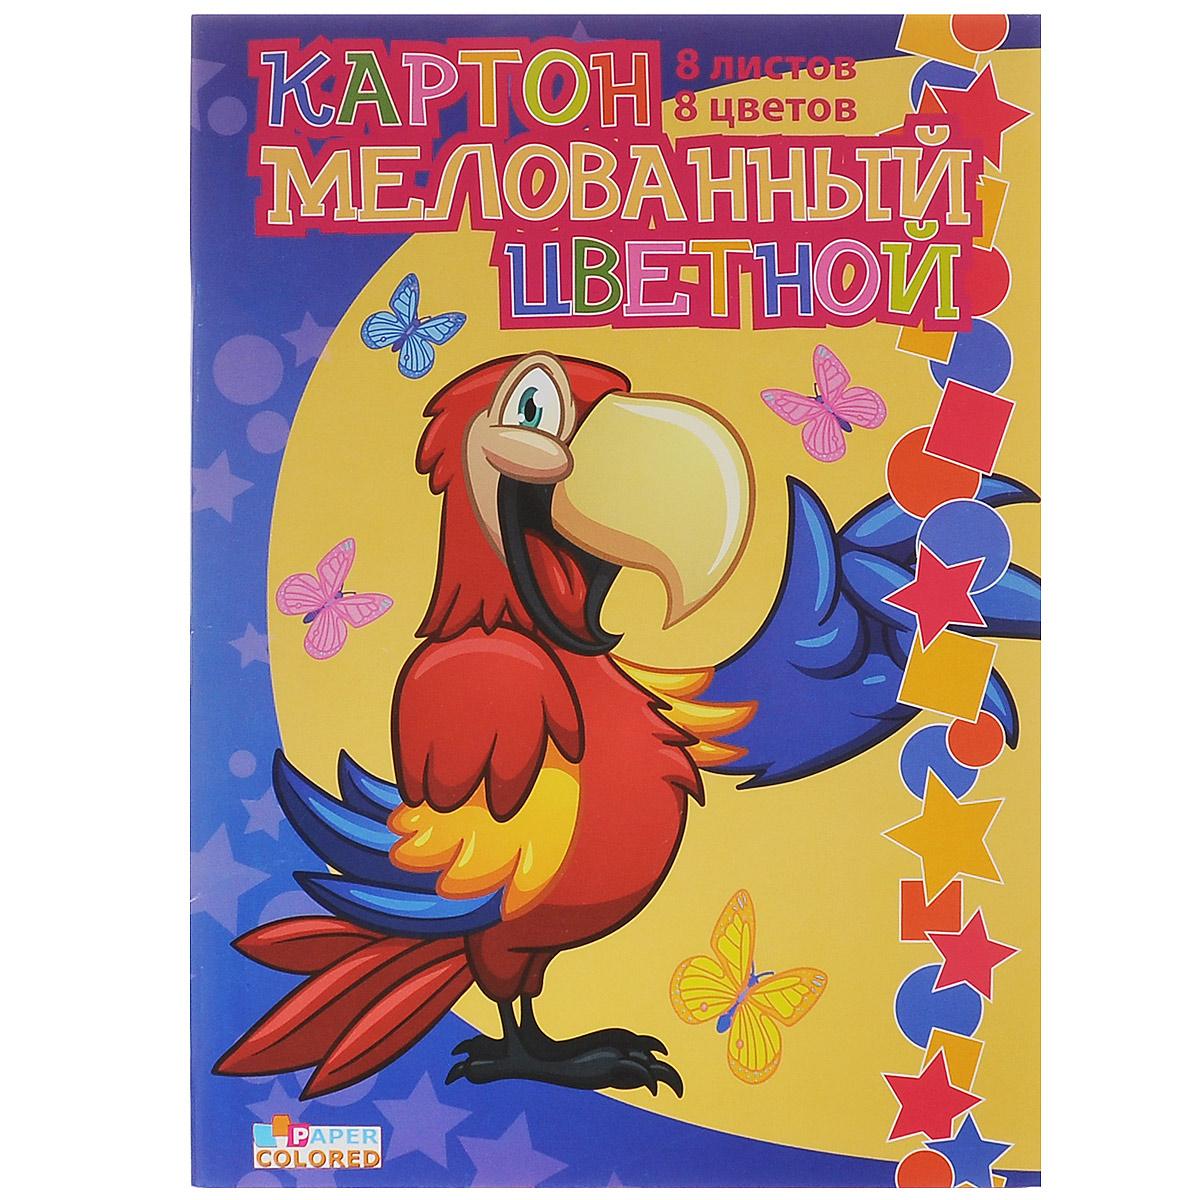 Набор цветного картона Попугай, двусторонний, мелованный, 8 цветов1160-306Набор цветного мелованного картона Попугай идеально подойдет для творческих занятий в детском саду, школе и дома. Набор состоит из двусторонних листов картона восьми цветов: черный, коричневый, фиолетовый, синий, зеленый, желтый, оранжевый, малиновый. Картон упакован в яркую папку, оформленную рисунком с изображением попугайчика. Большой выбор ярких, насыщенных цветов расширит возможности для создания аппликаций, объемных поделок и открыток.